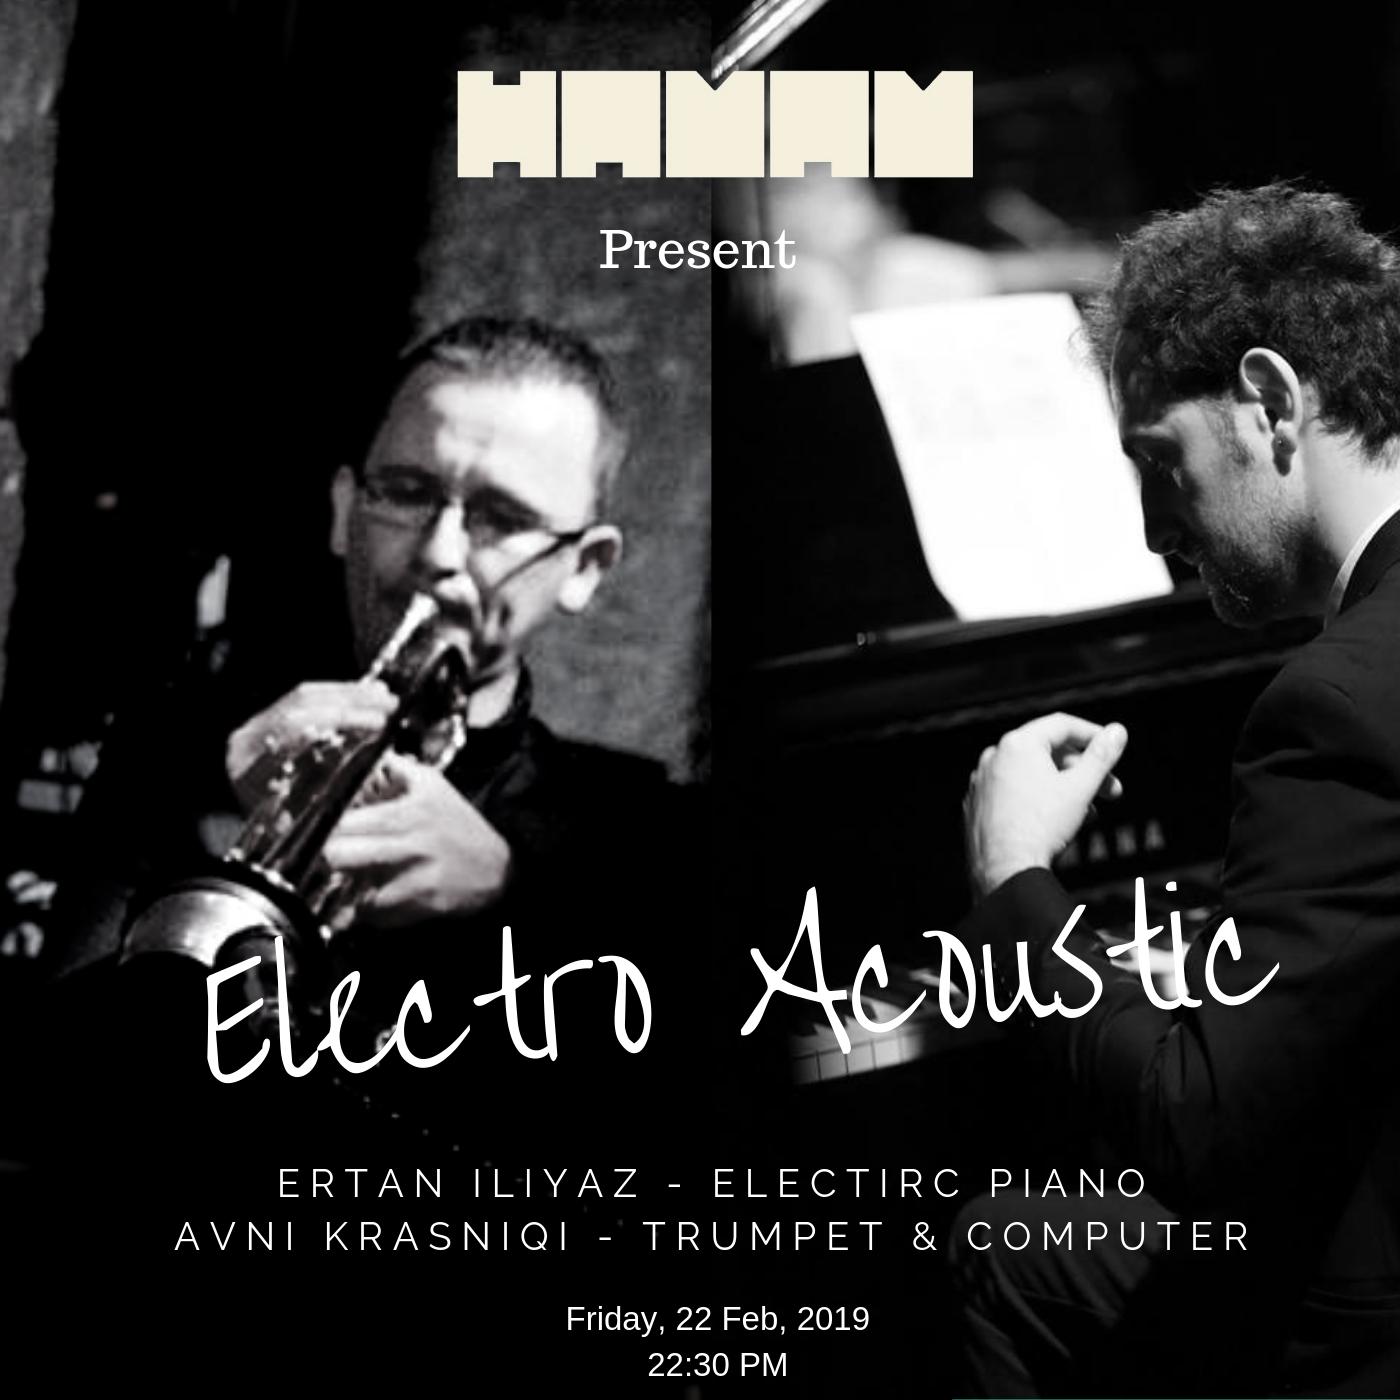 Electro Acoustic Jazz Night on Hamam Jazz Bar